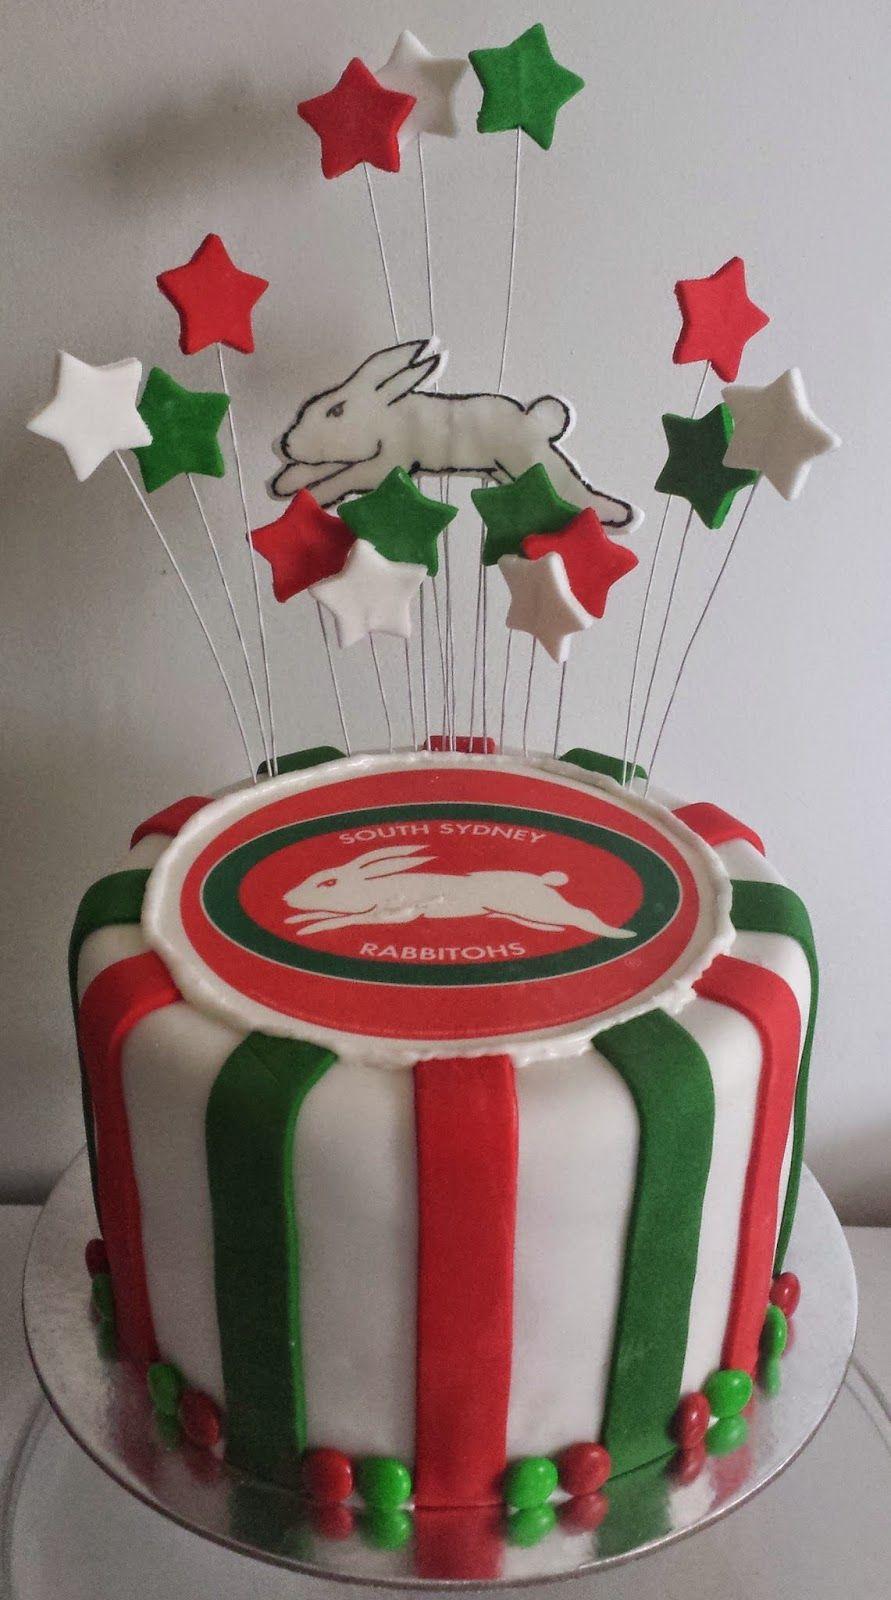 South Sydney Rabbitohs Cake Nrl Funny Birthday